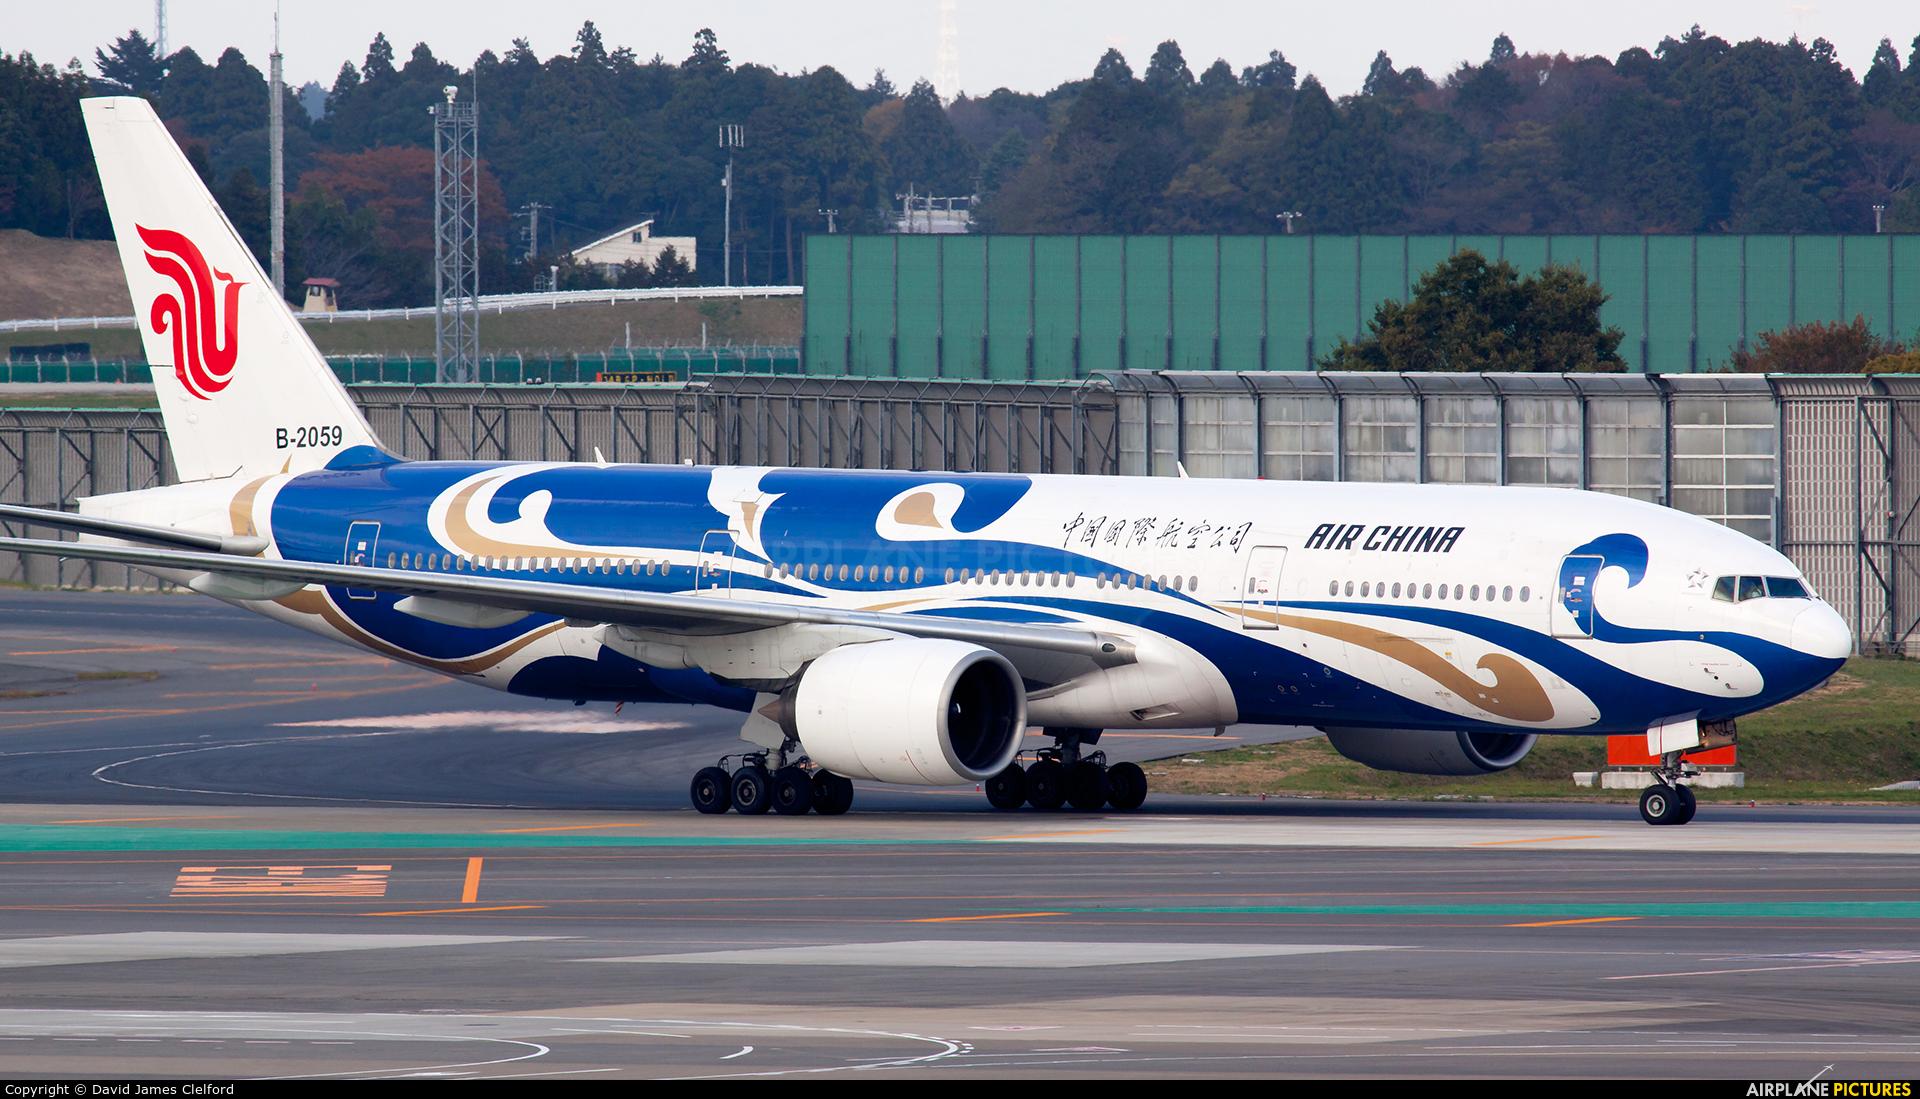 Air China B-2059 aircraft at Tokyo - Narita Intl